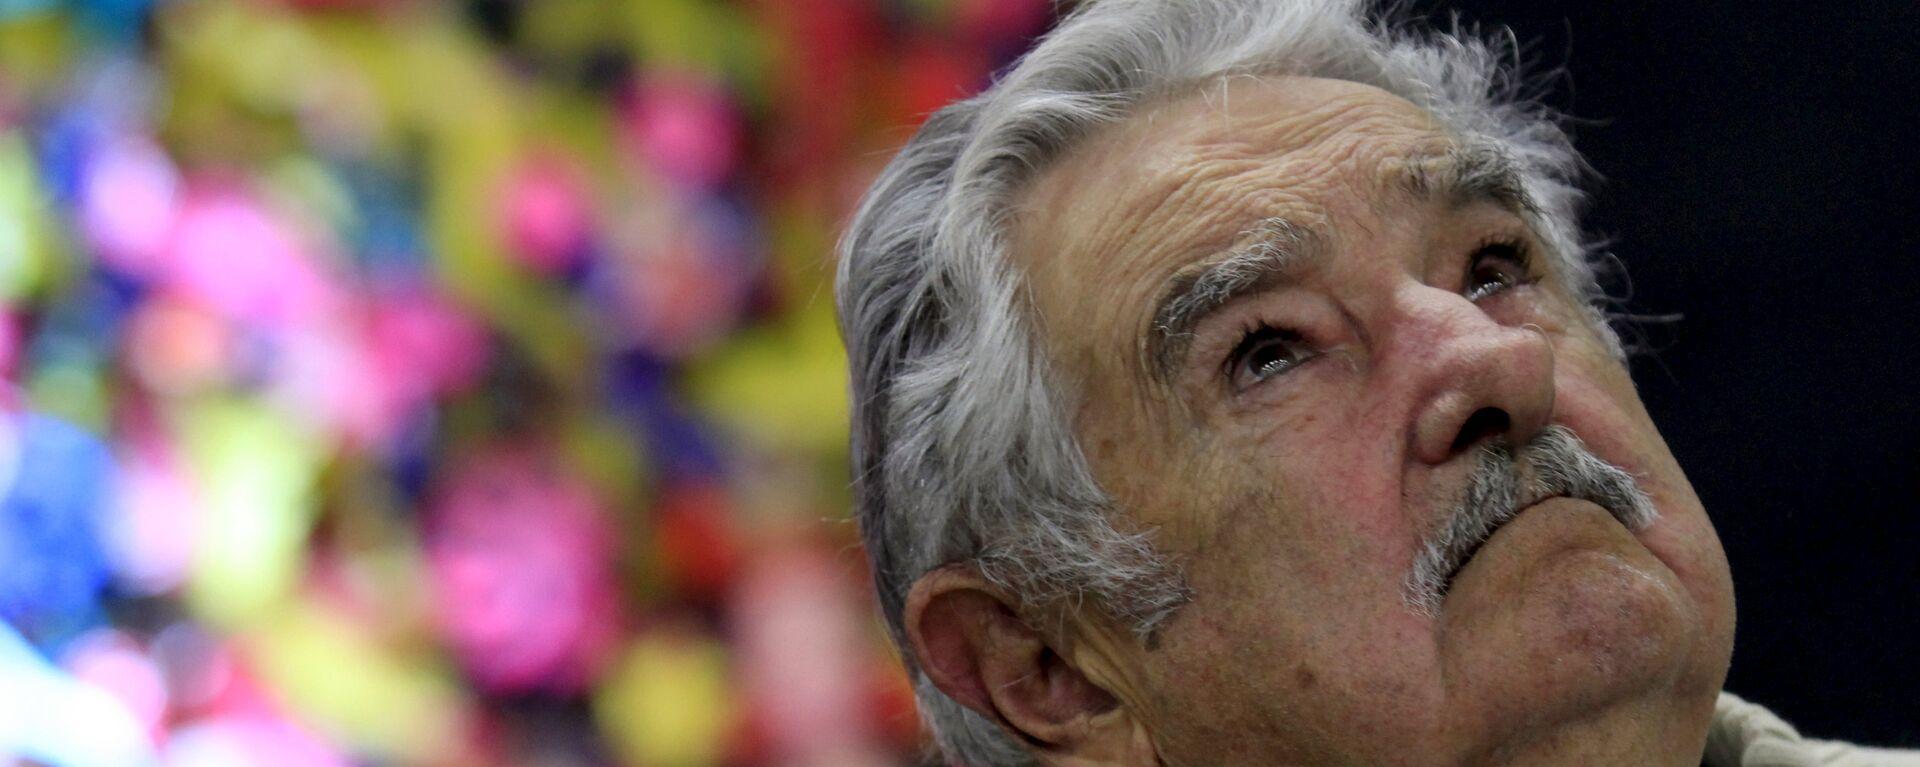 El expresidente uruguayo José 'Pepe' Mujica (2010-2015) - Sputnik Mundo, 1920, 13.04.2021